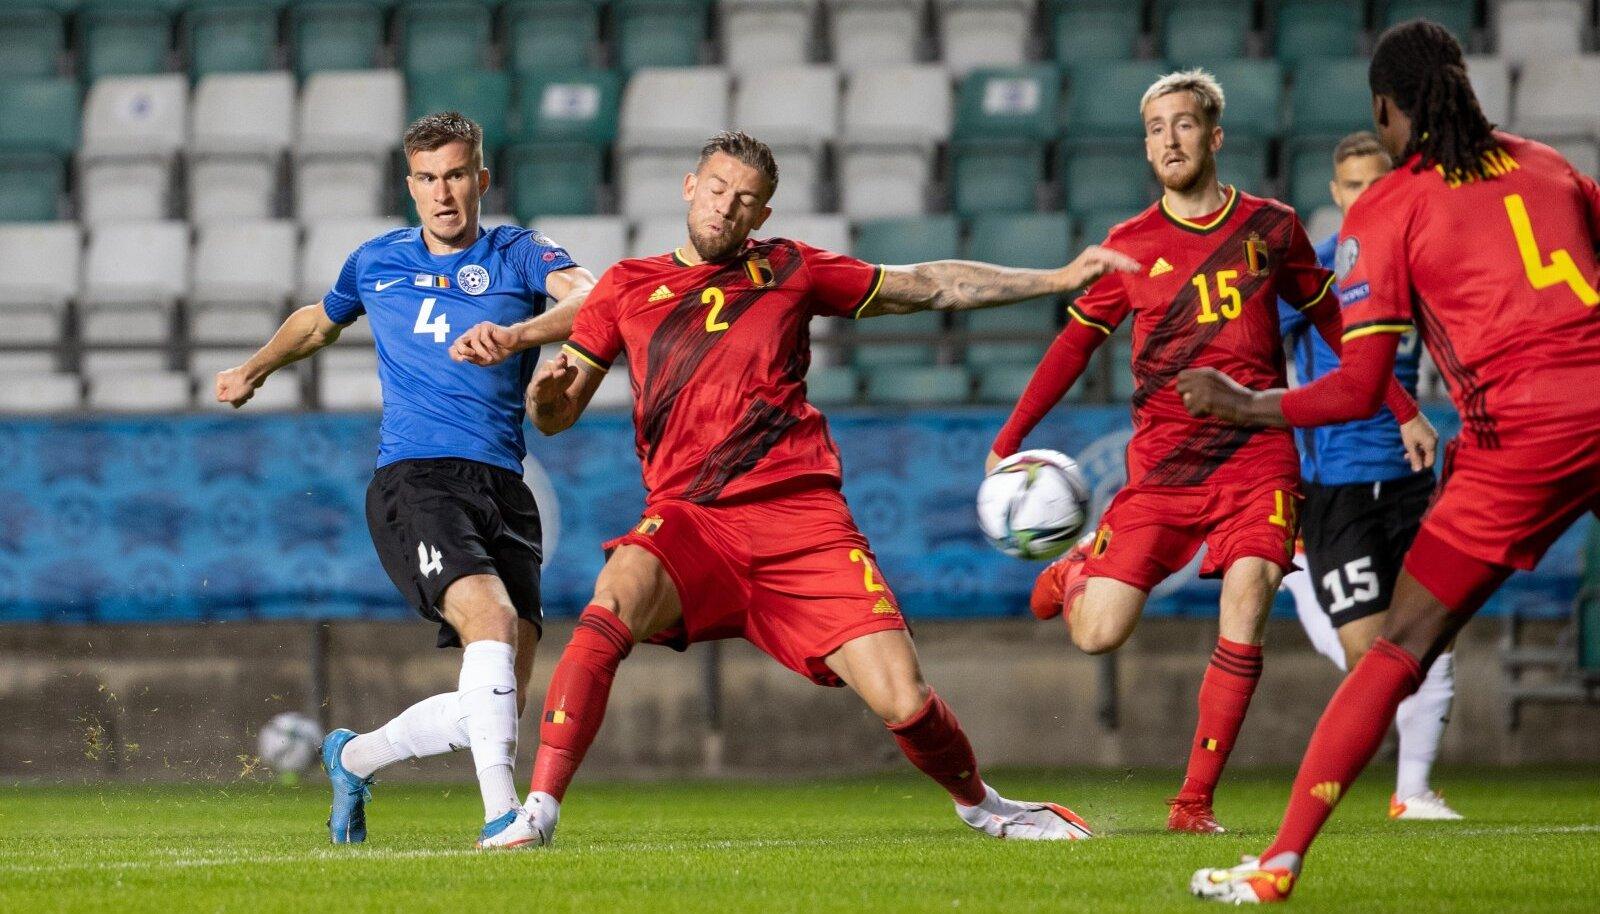 Septembrikuine kohtumine Eesti ja Belgia vahel lõppes belglaste 5:2 võiduga.